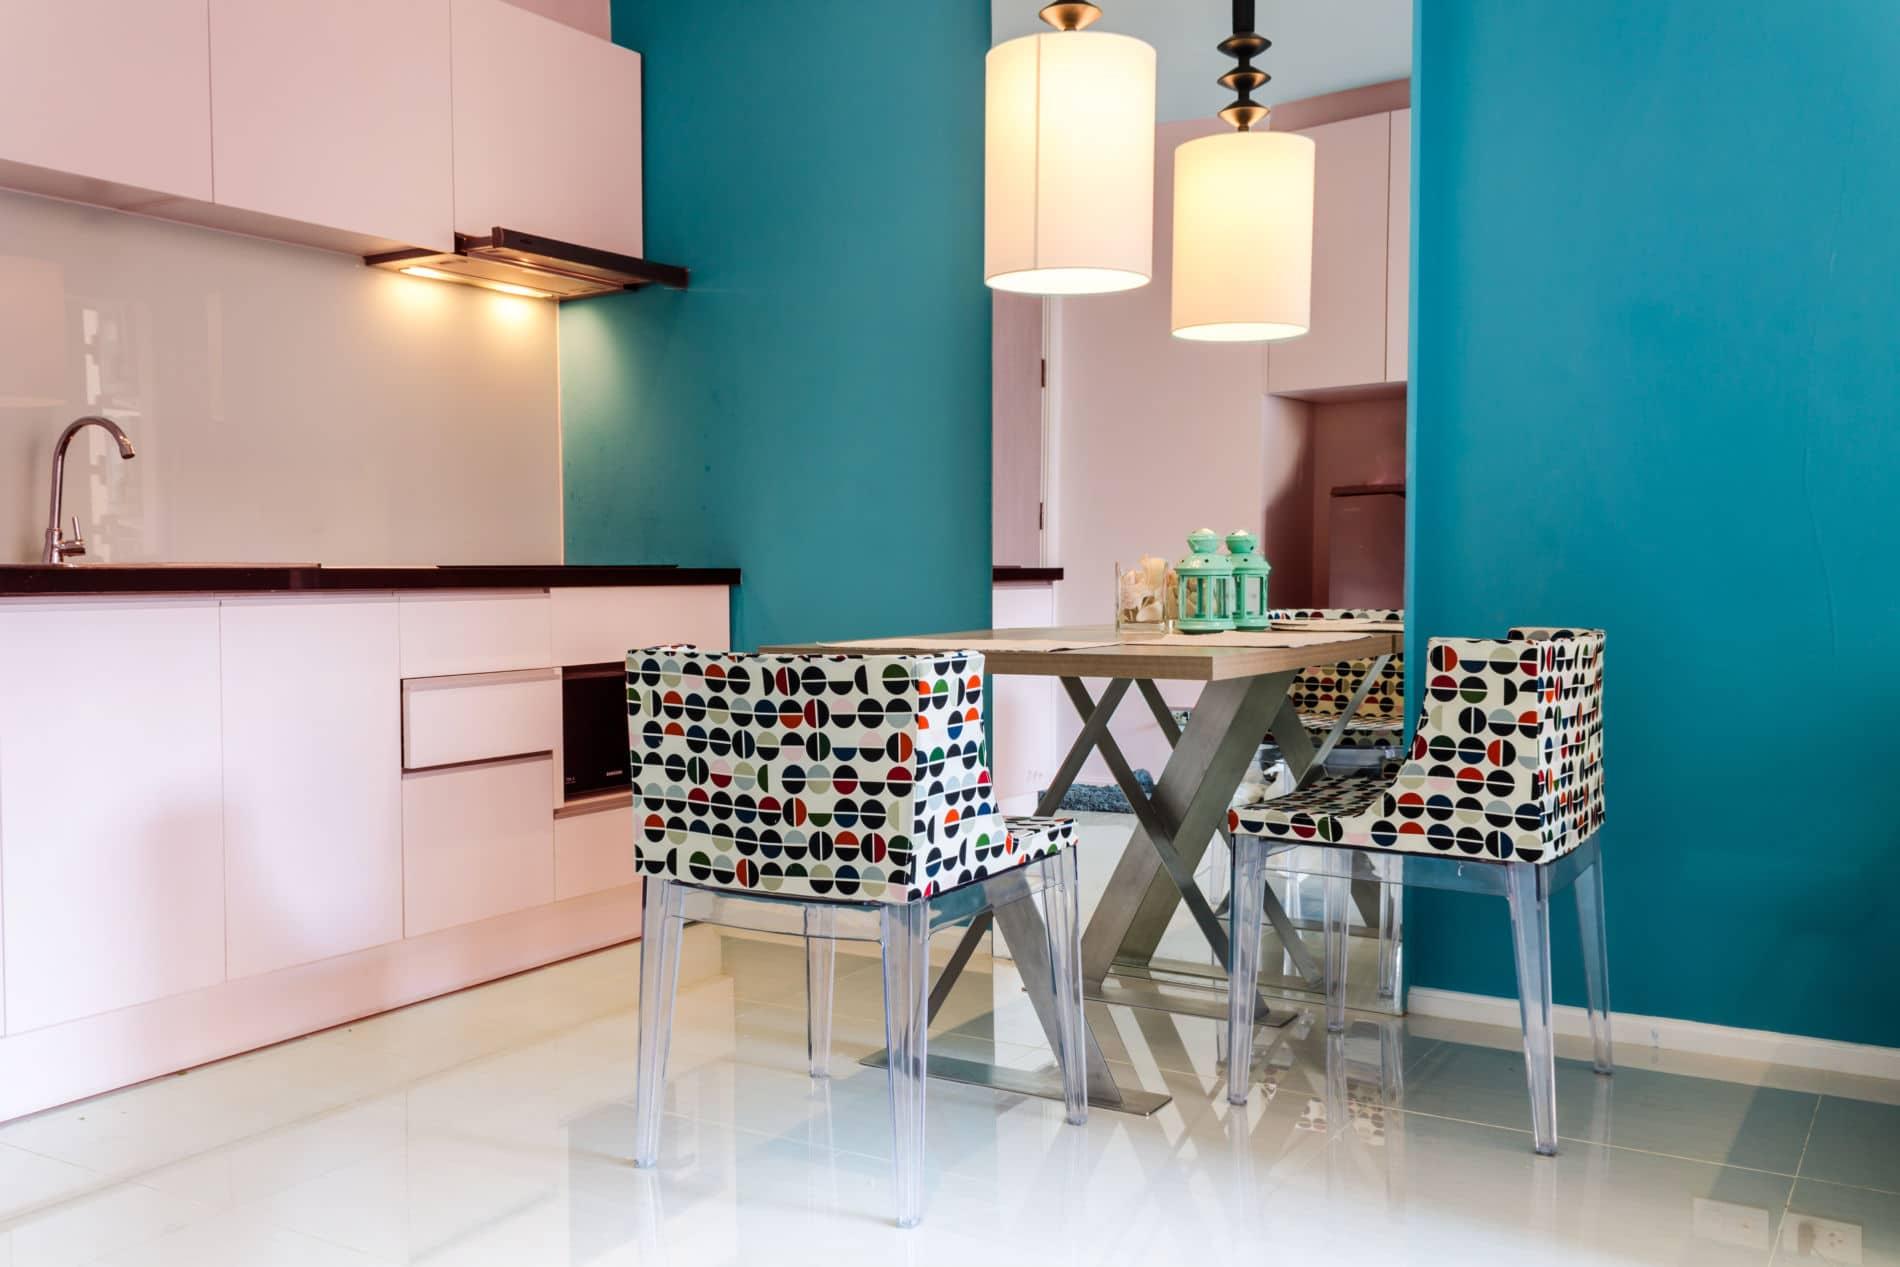 קולקציית מטבחים מודרניים בעיצוב קלאסי ובמבחר צבעים